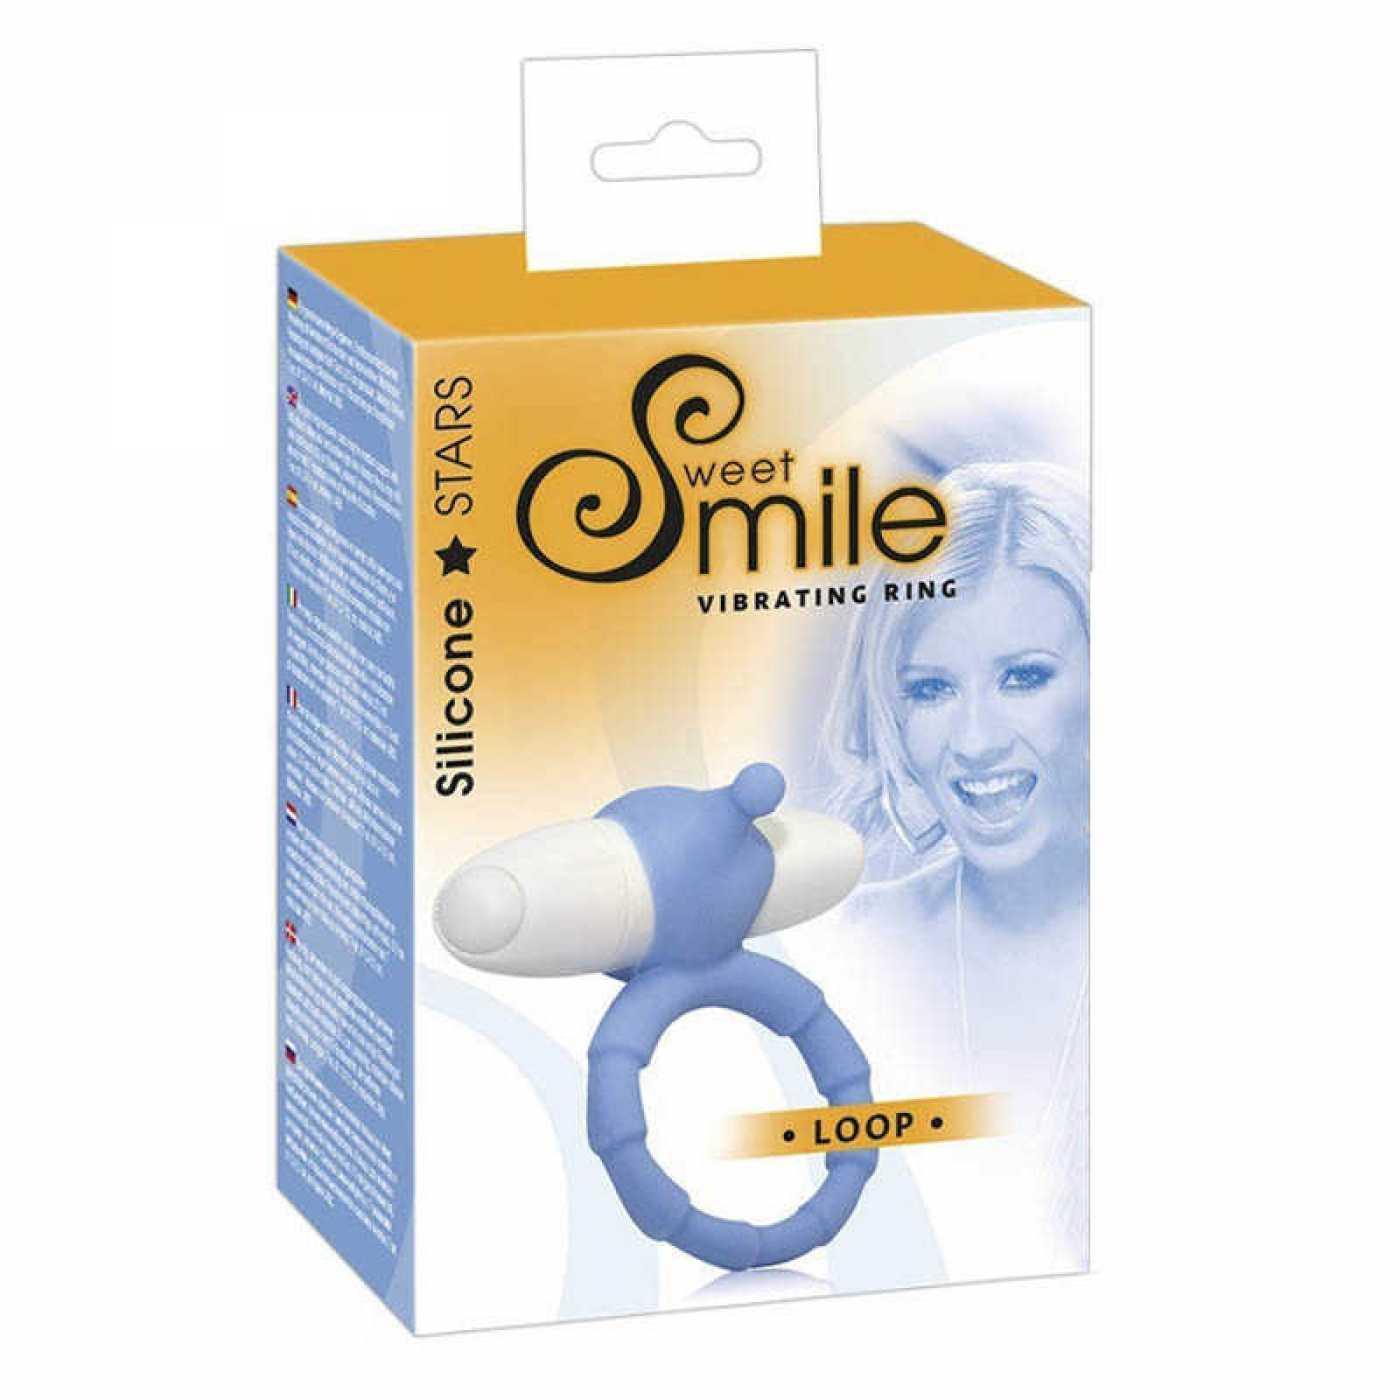 Насадка-кольцо для пениса с вибрацией Loop голубое